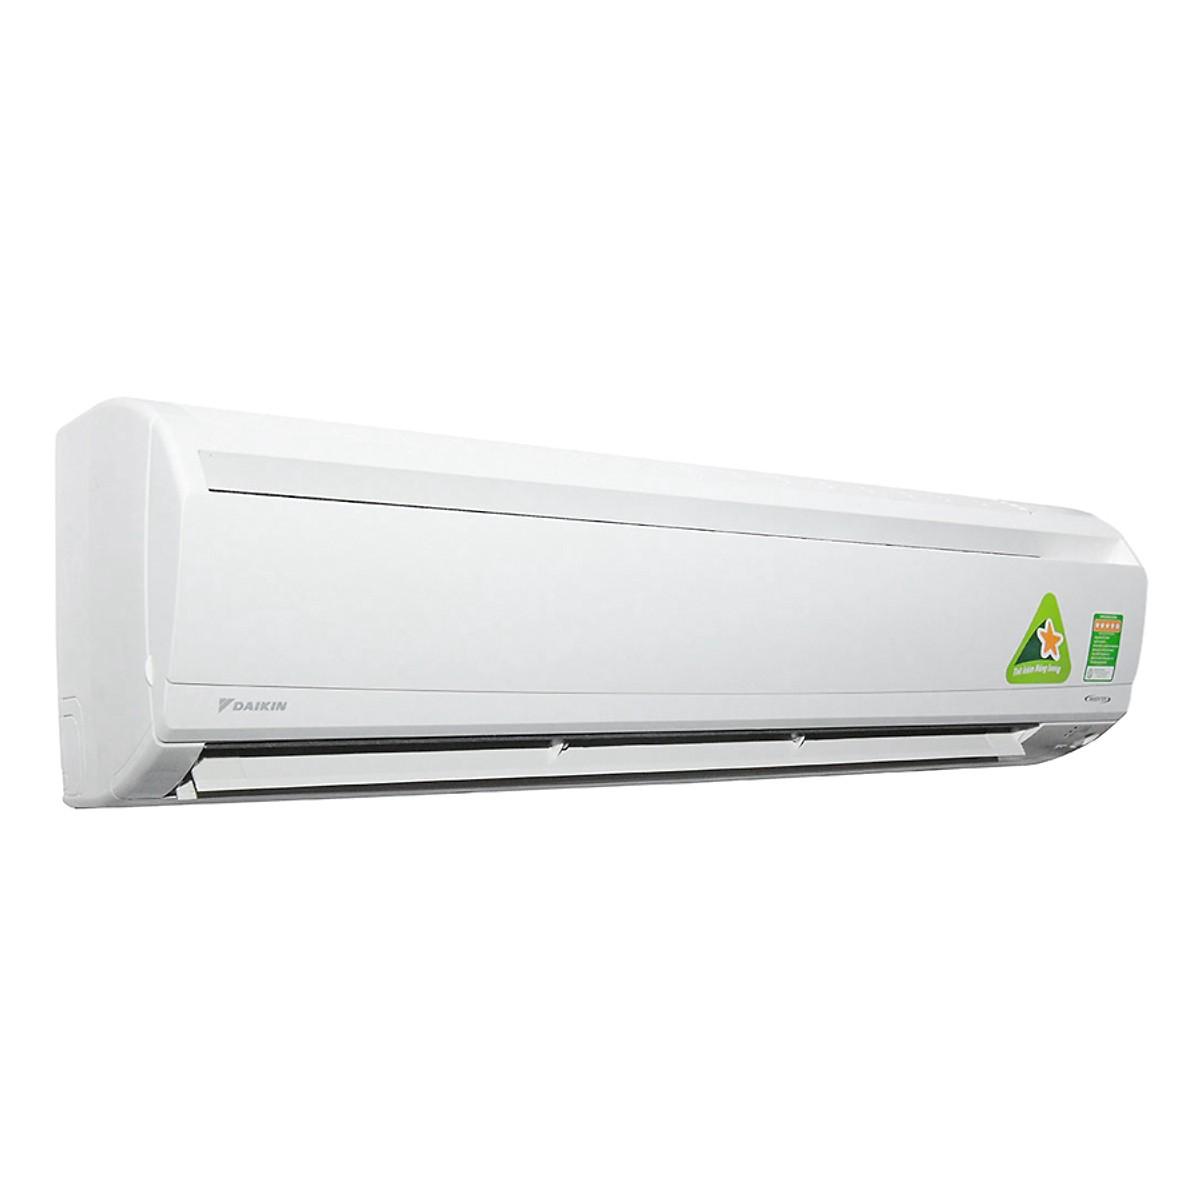 Máy Lạnh Inverter Daikin FTKS60GVMV/RKS60GVMV (2.5 HP) - Hàng Chính Hãng + Tặng Ê Ke Treo Máy Lạnh